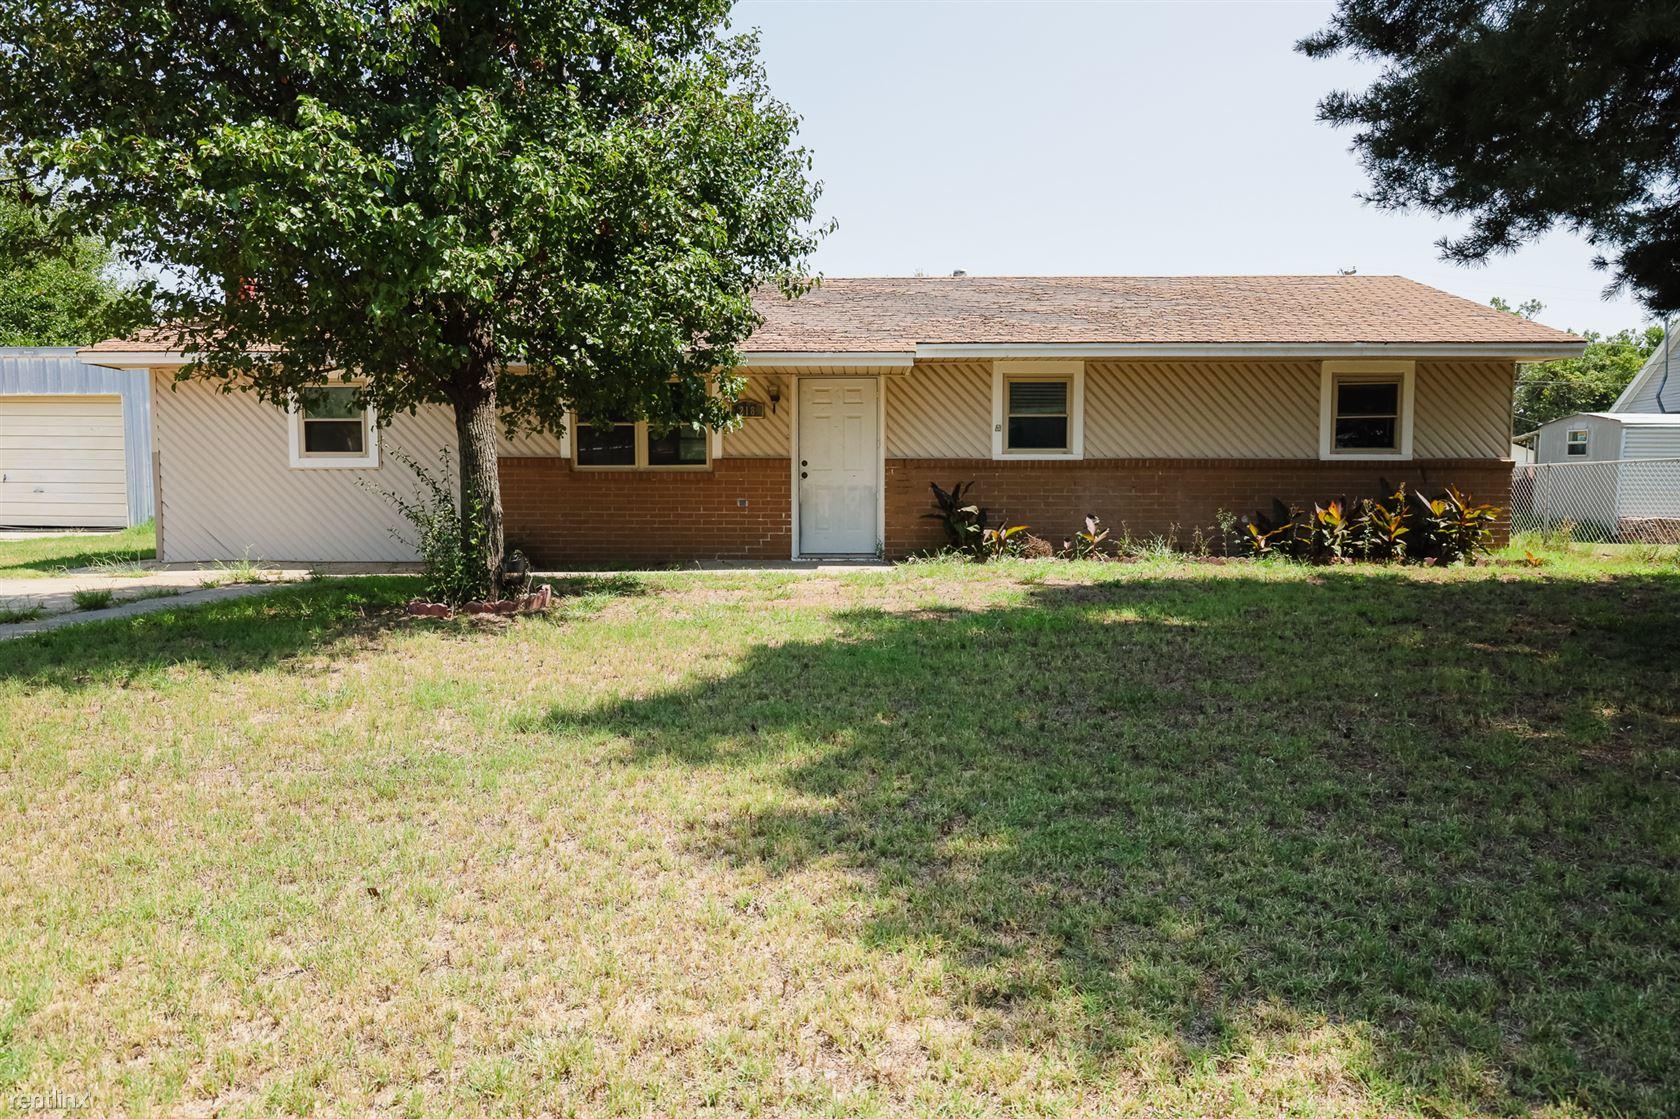 218 South Santa Fe, Mooreland, OK - $847